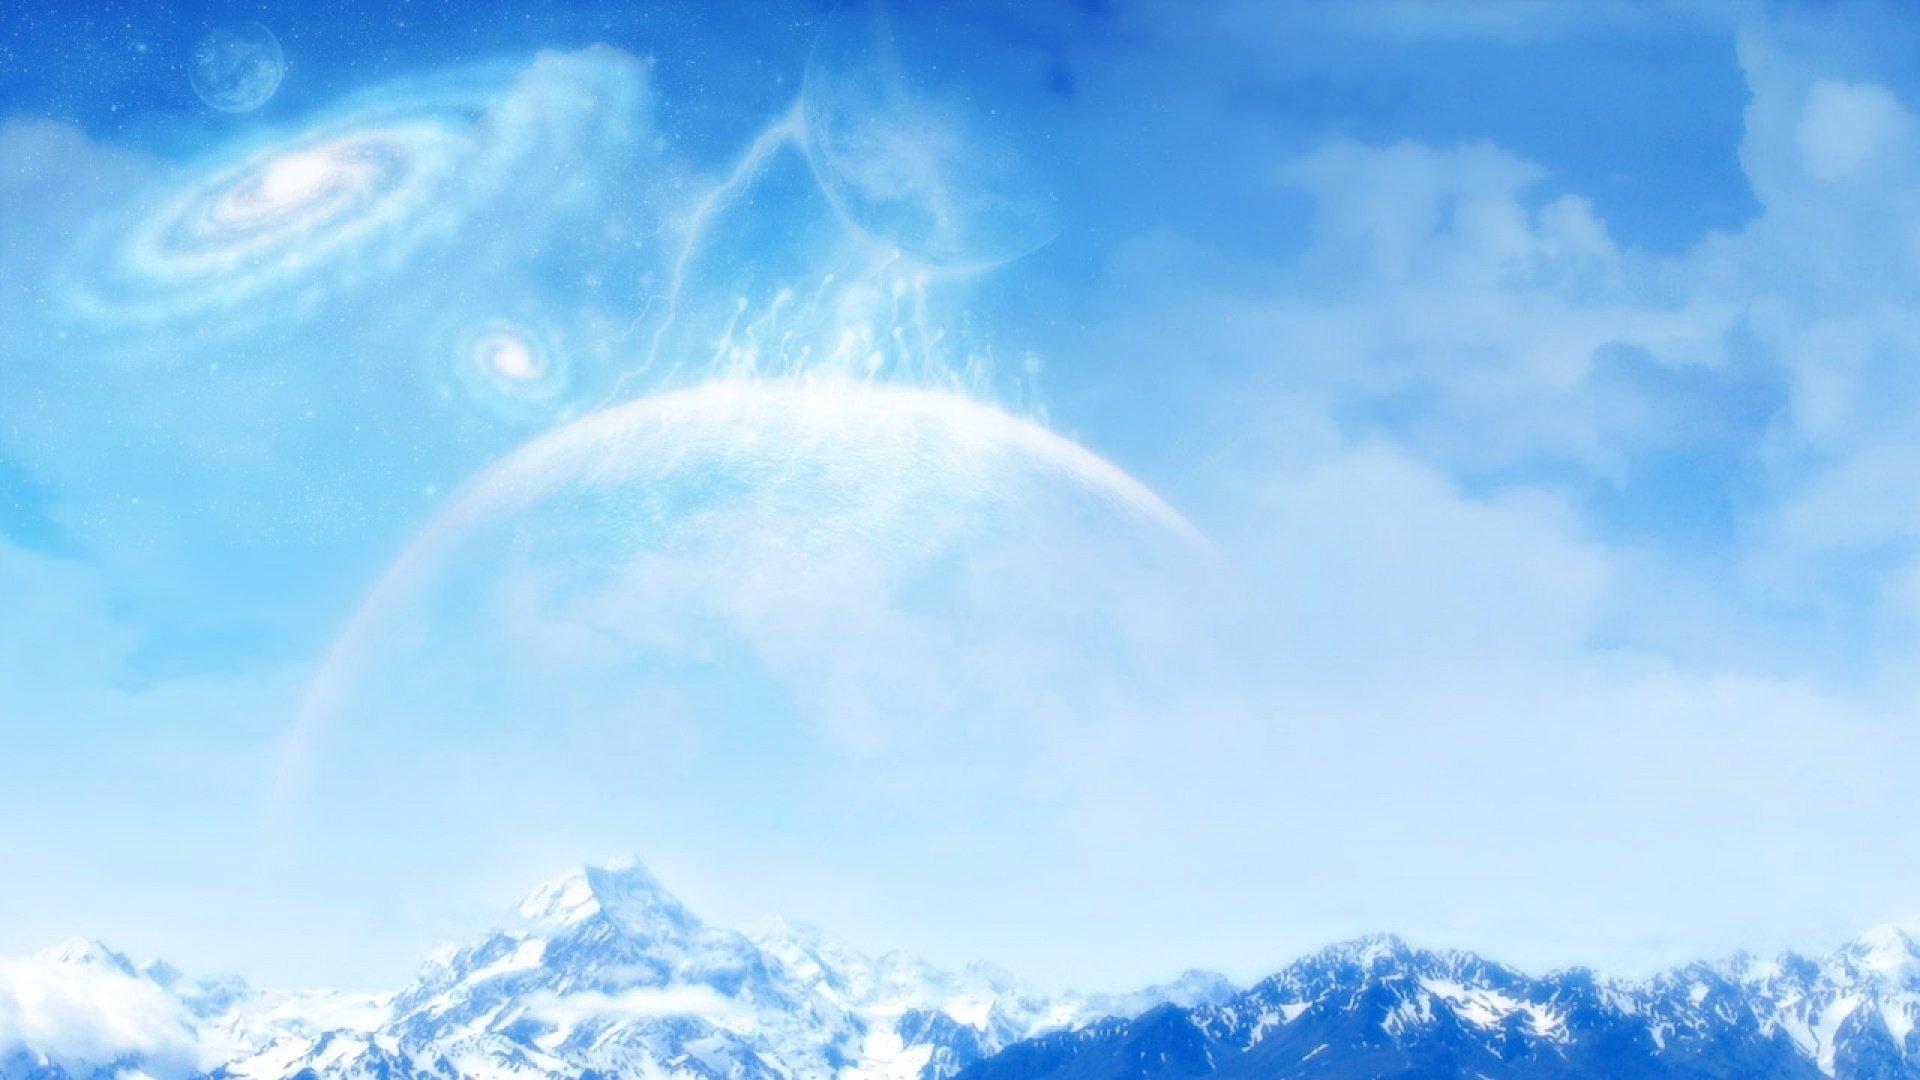 背景 壁纸 风景 天空 桌面 1920_1080